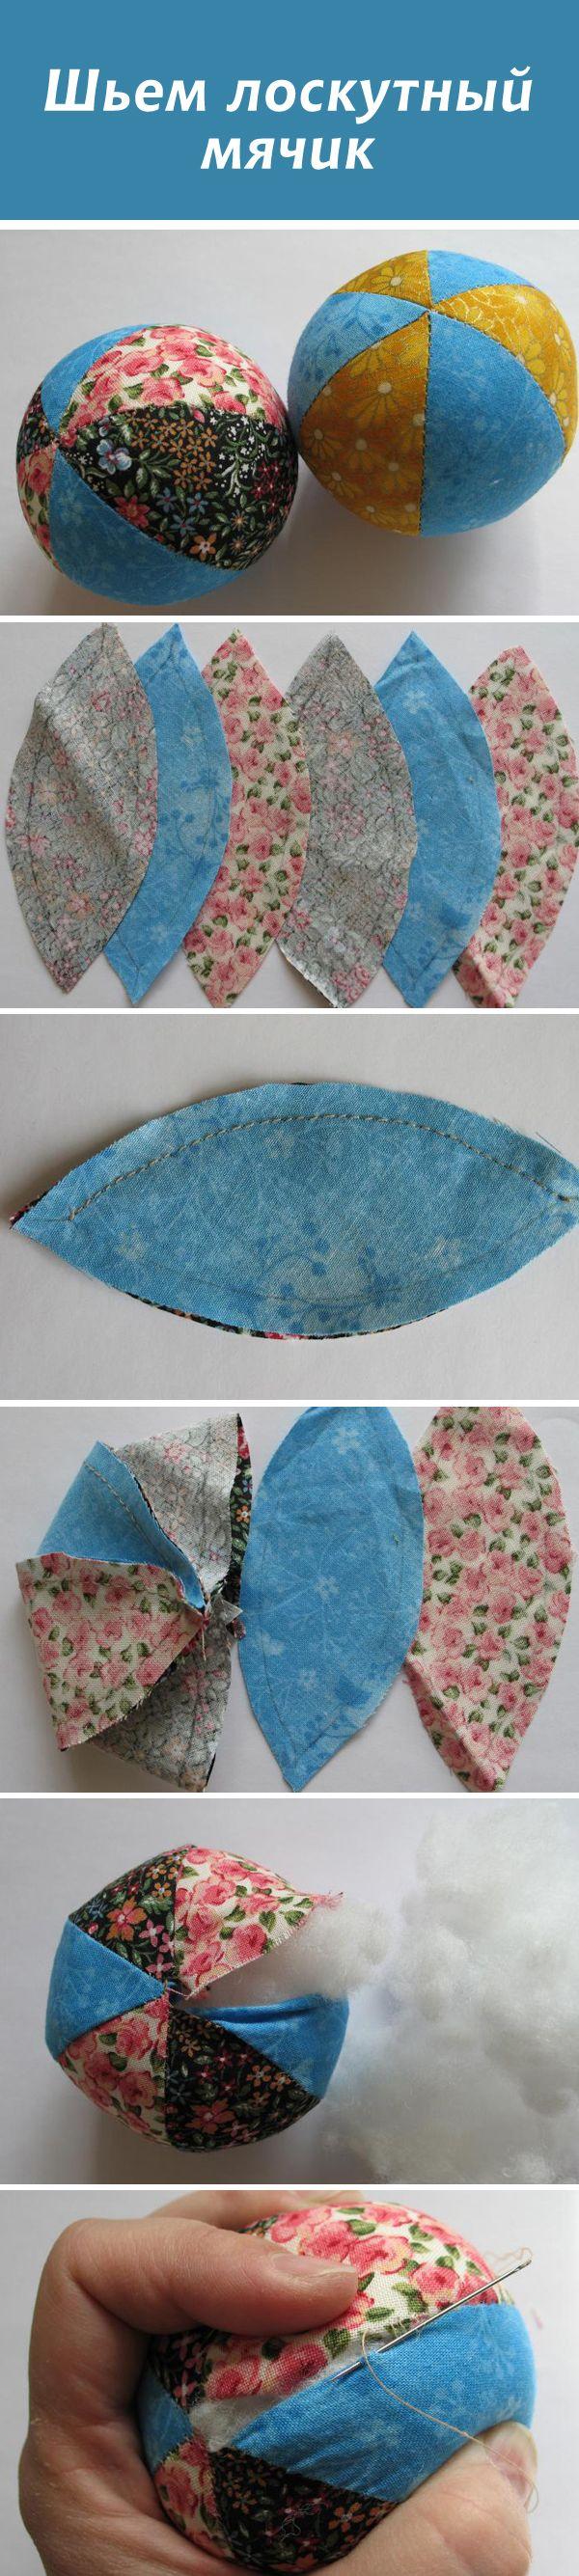 Шьем лоскутные мячики  #patchwork #diy #tutorial